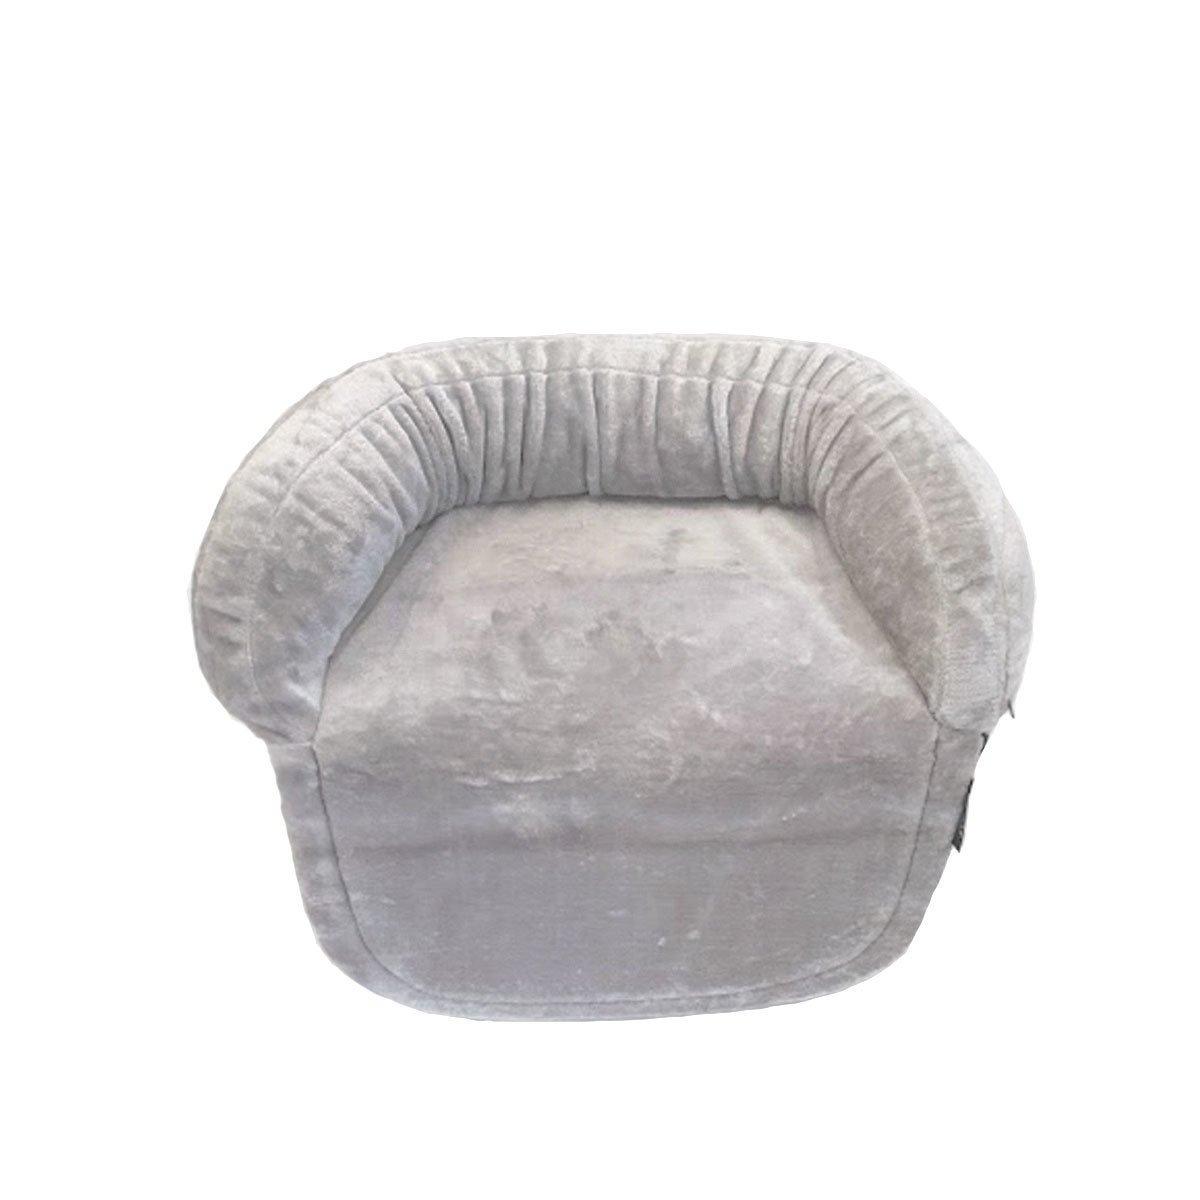 wauweich Sofadecke für Hunde aus Plüsch, S: 80 x 66 cm, hellgrau